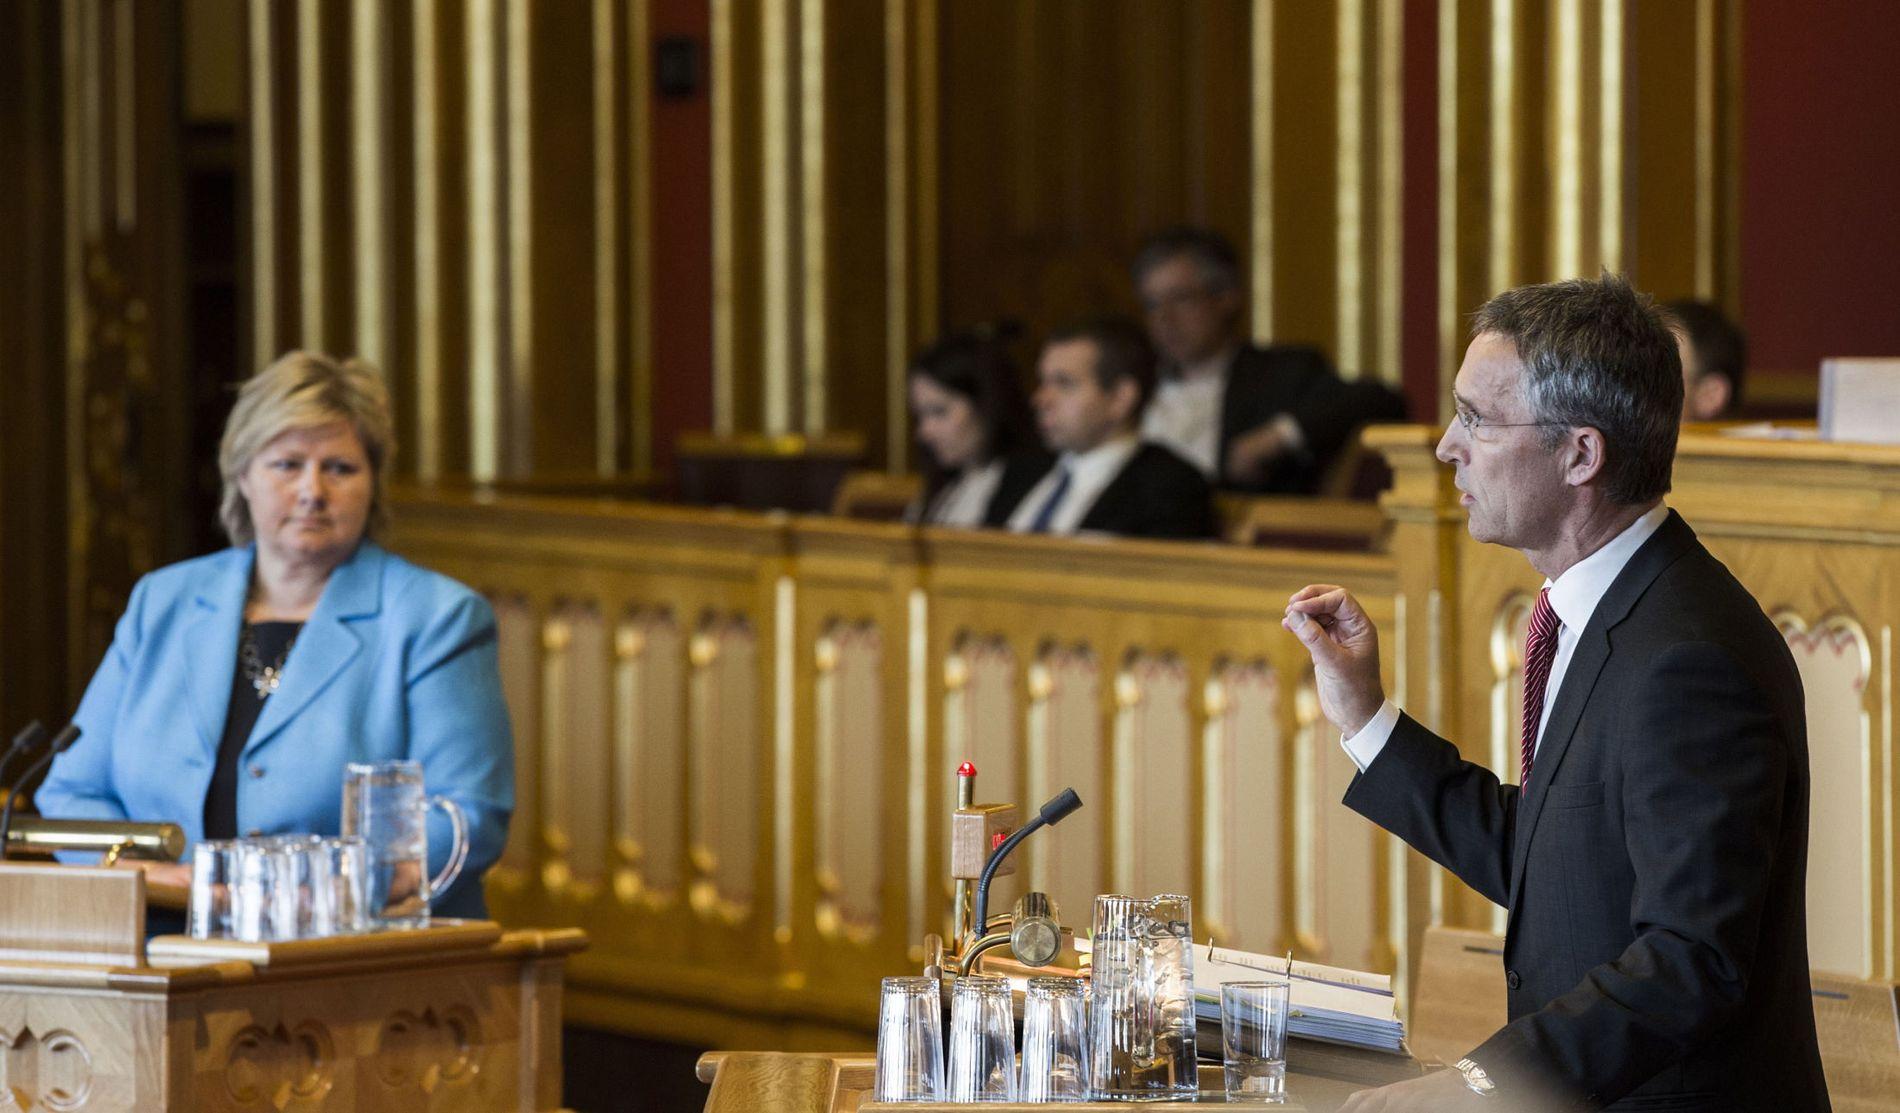 Senkes eller senkes ikke? Regjeringen Solberg har lovet å senke egenkapitalkravet fra 15 prosent til 10 prosent. I spørretimen onsdag denne uken spurte Jens Stoltenberg om regjeringen står ved løftene sine.